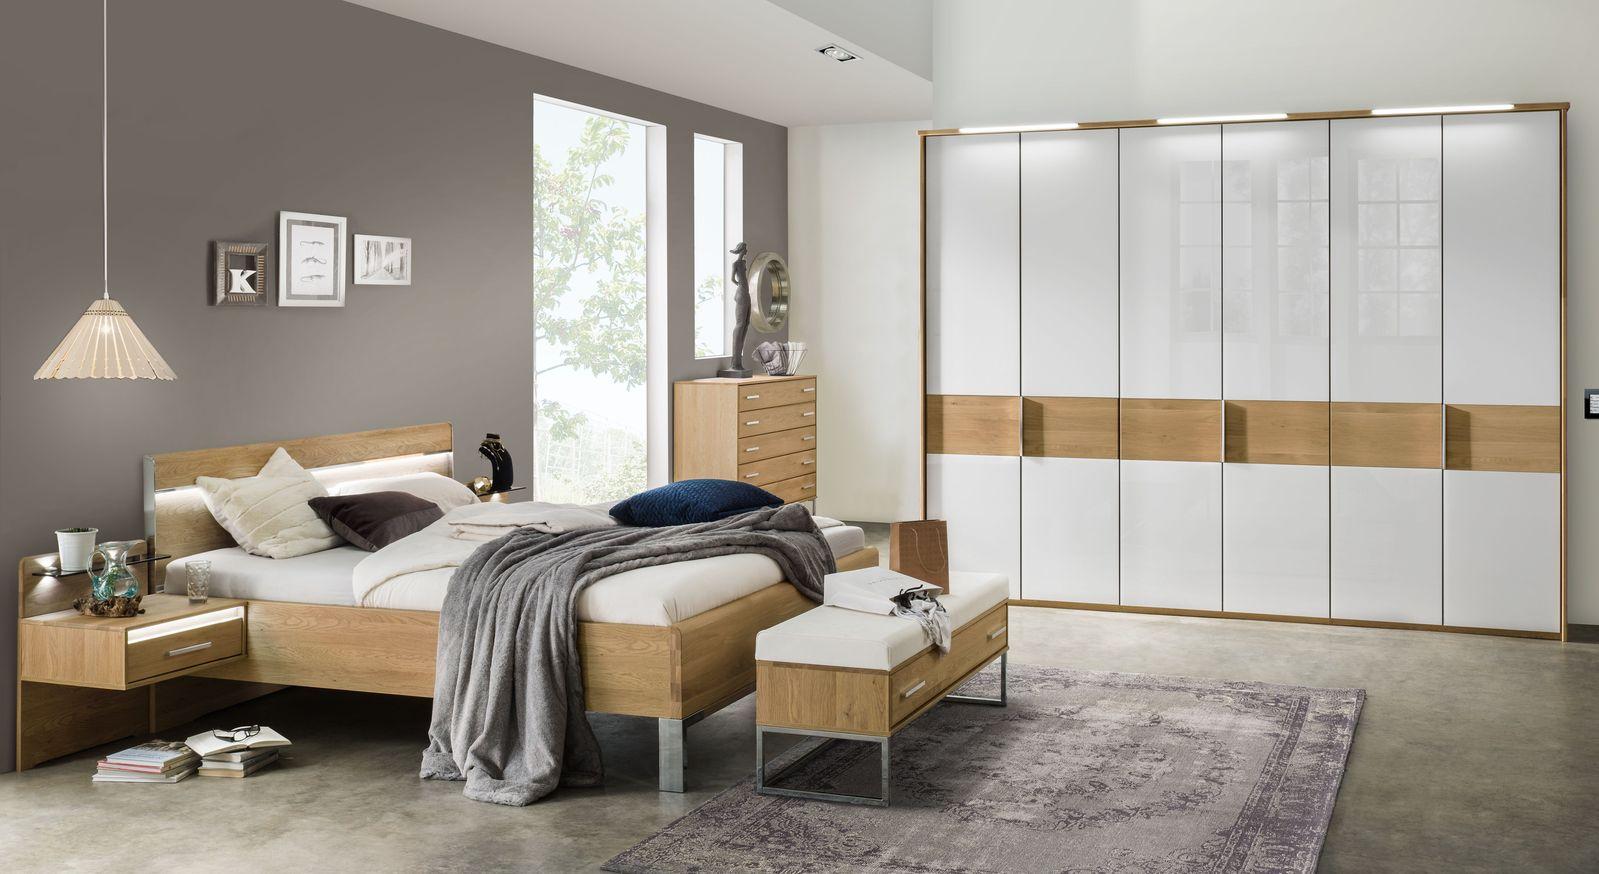 Drehtüren-Kleiderschrank Chipperfield mit passender Schlafzimmer-Ausstattung